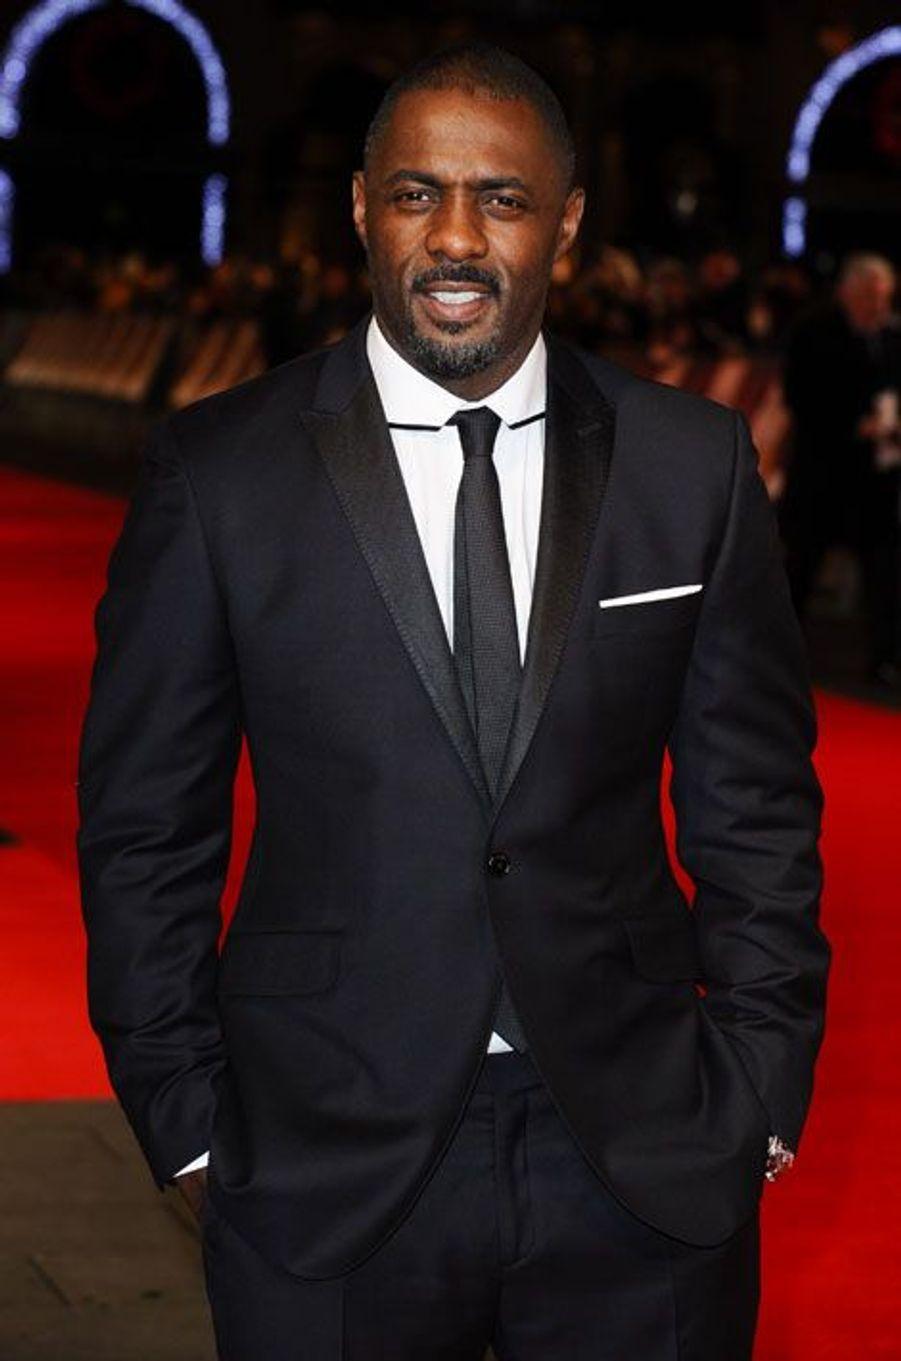 Il fait partie des favoris des bookmakers. Depuis son rôle dans la série «The Wire», Idris Elba fait beaucoup parler de lui et pourrait bien devenir le premier James Bond noir de l'histoire de la saga. L'interprète de Heimdall dans «Thor» n'a pas caché qu'il convoitait le rôle du célèbre agent secret. «Si on me propose le rôle, j'accepterai», a-t-il déclaré lors d'une discussion avec les internautes de Reddit.